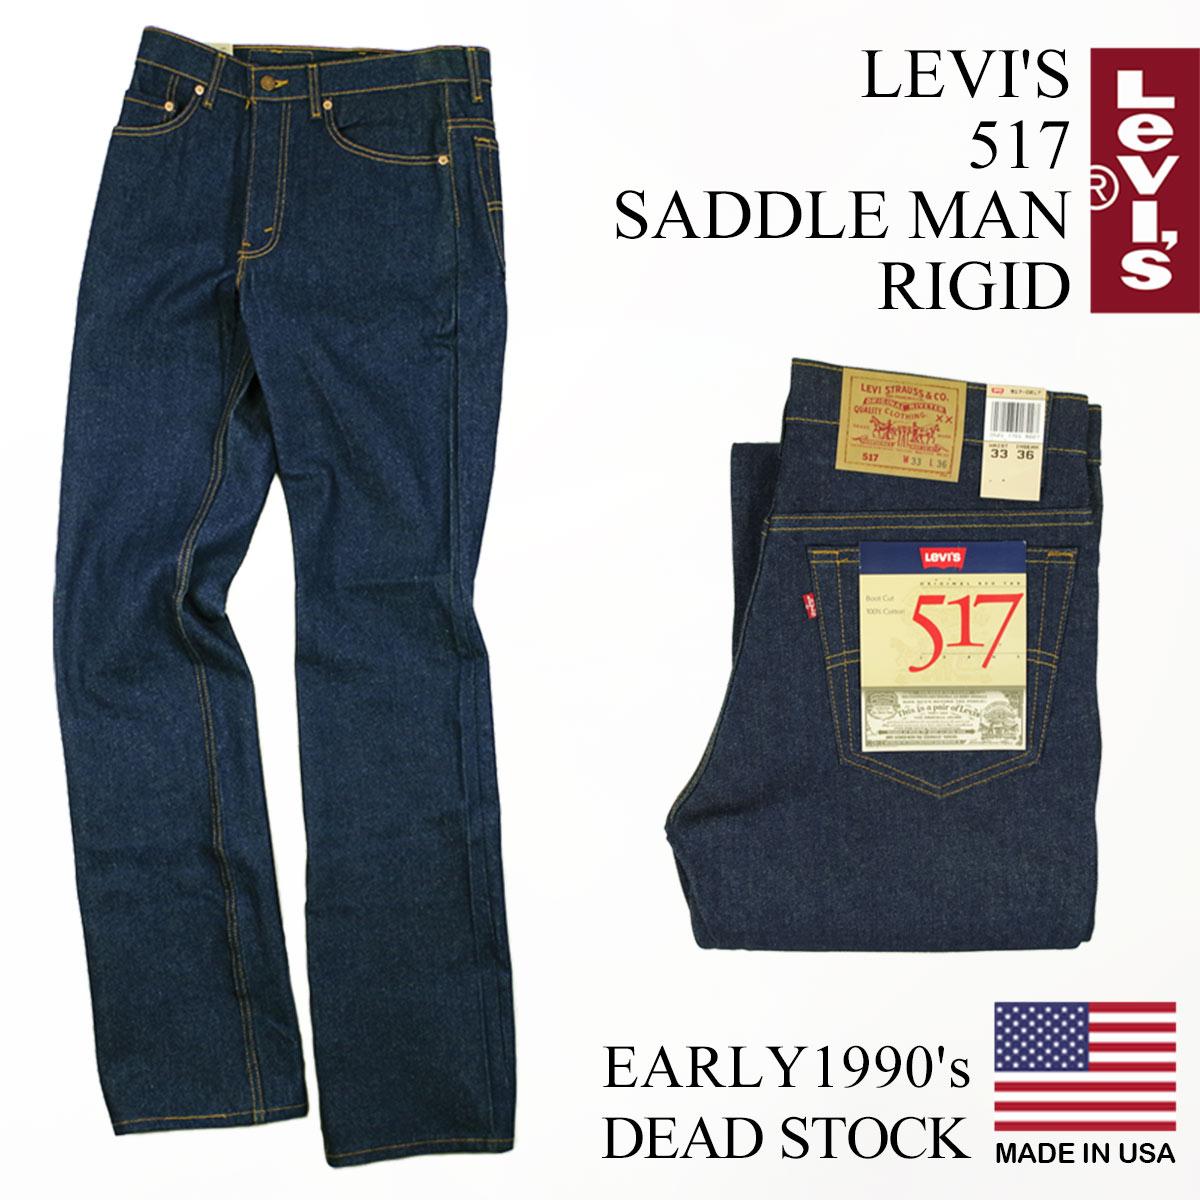 リーバイス LEVI'S 517-0217 オリジナル ブーツカット ジーンズ リジッド 米国製 90年代初頭 デッドストック (防縮 生デニム アメリカ製 MADE IN USA)